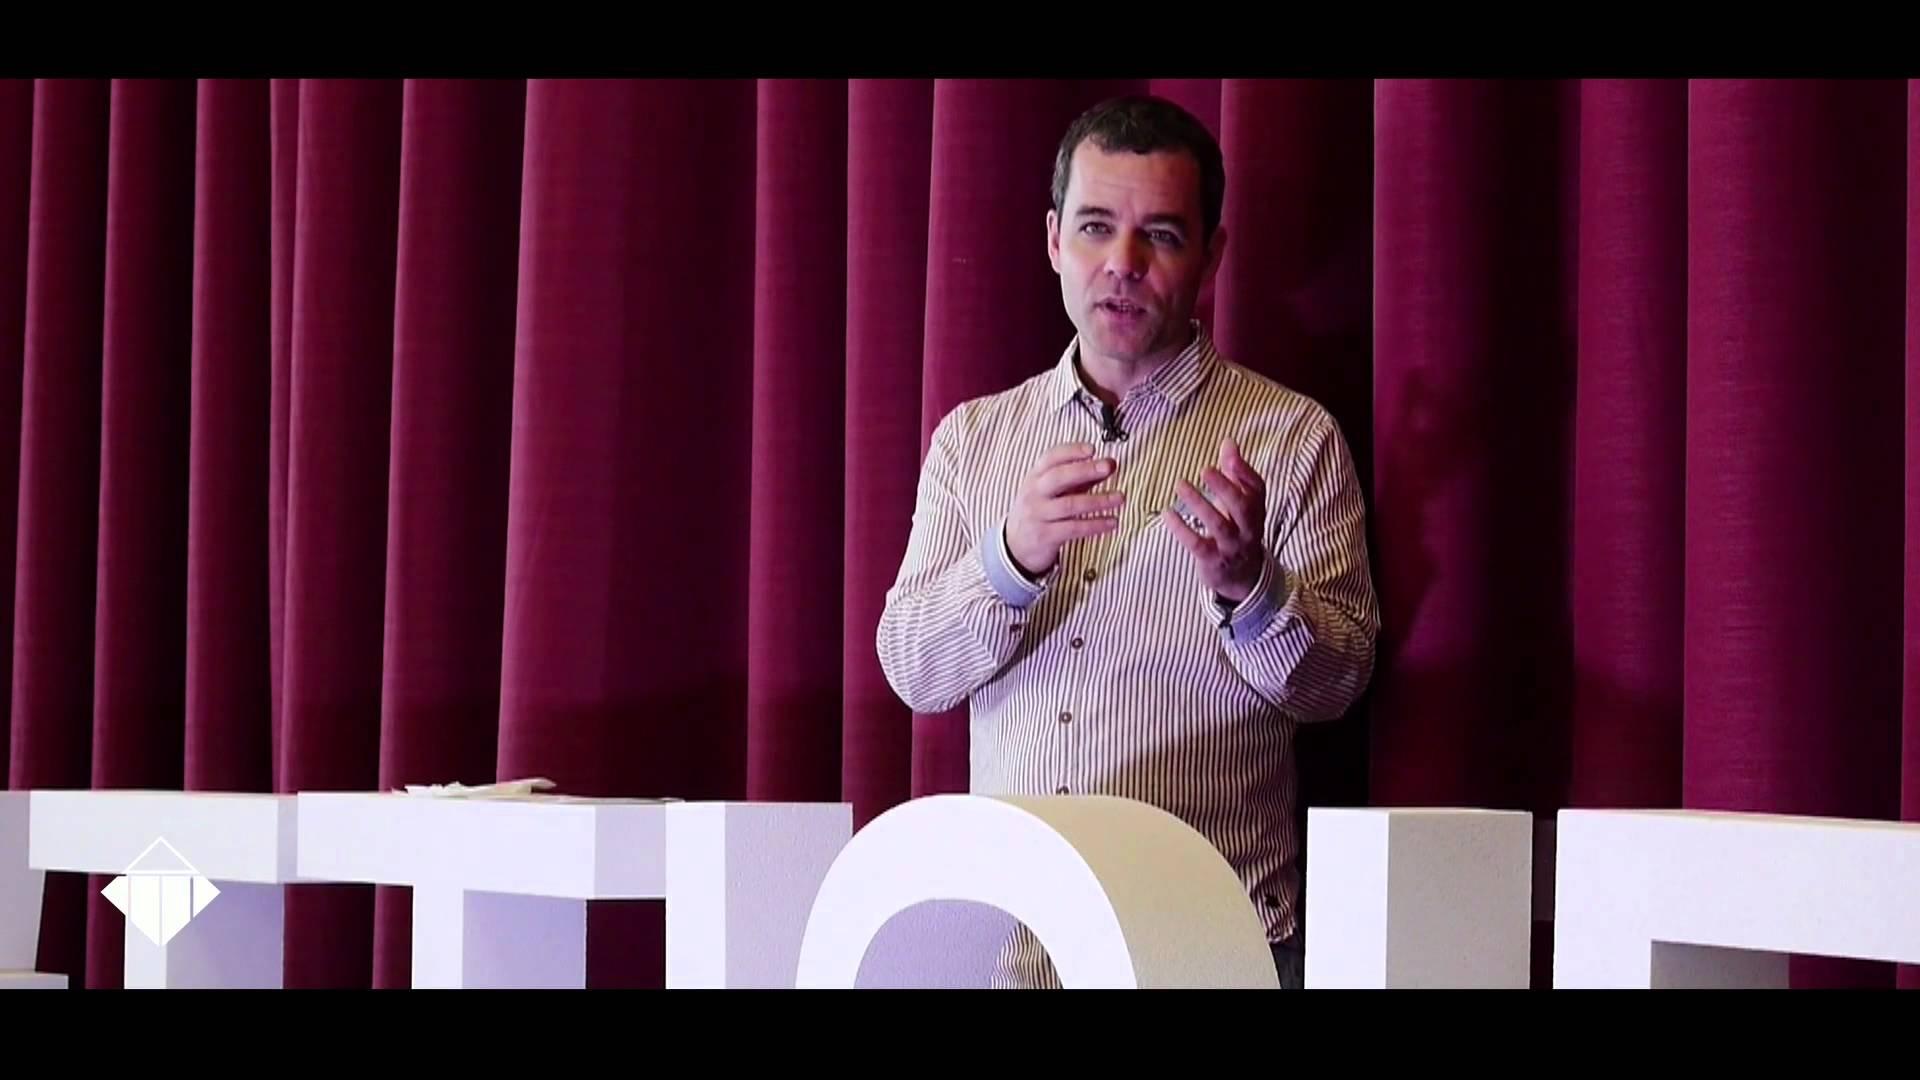 Conférence d'Ilios Kotsou : Mieux vivre avec soi et les autres